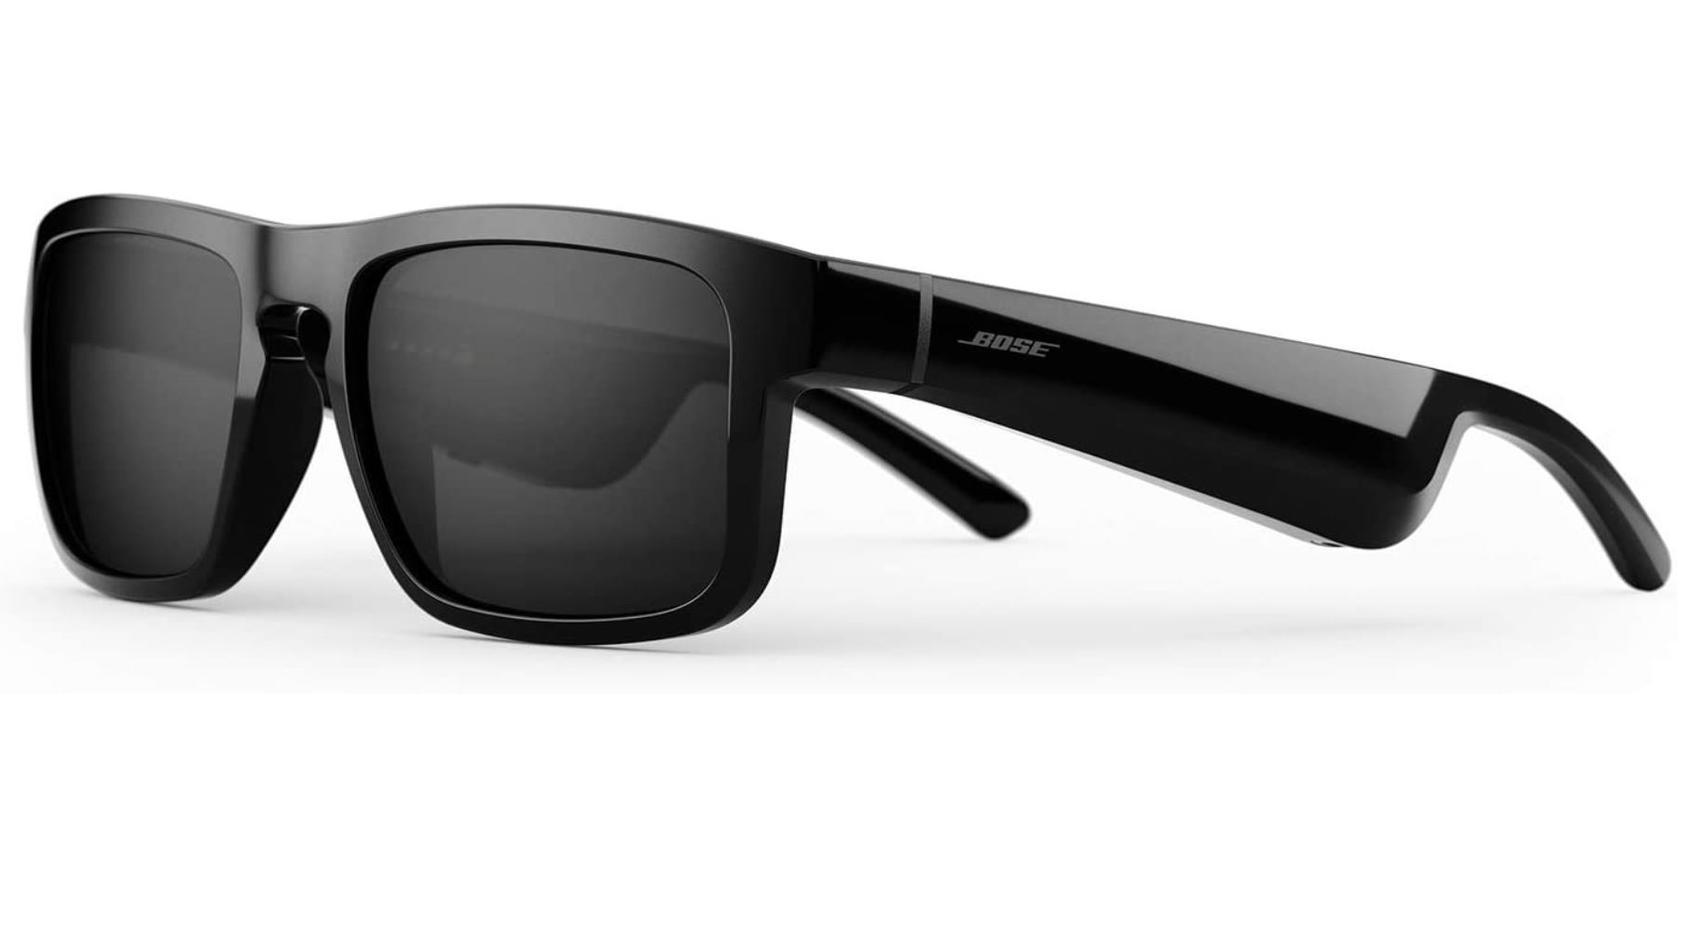 Diese Sonnenbrille von Bose hat eingebaute Lautsprecher in den Bügeln.